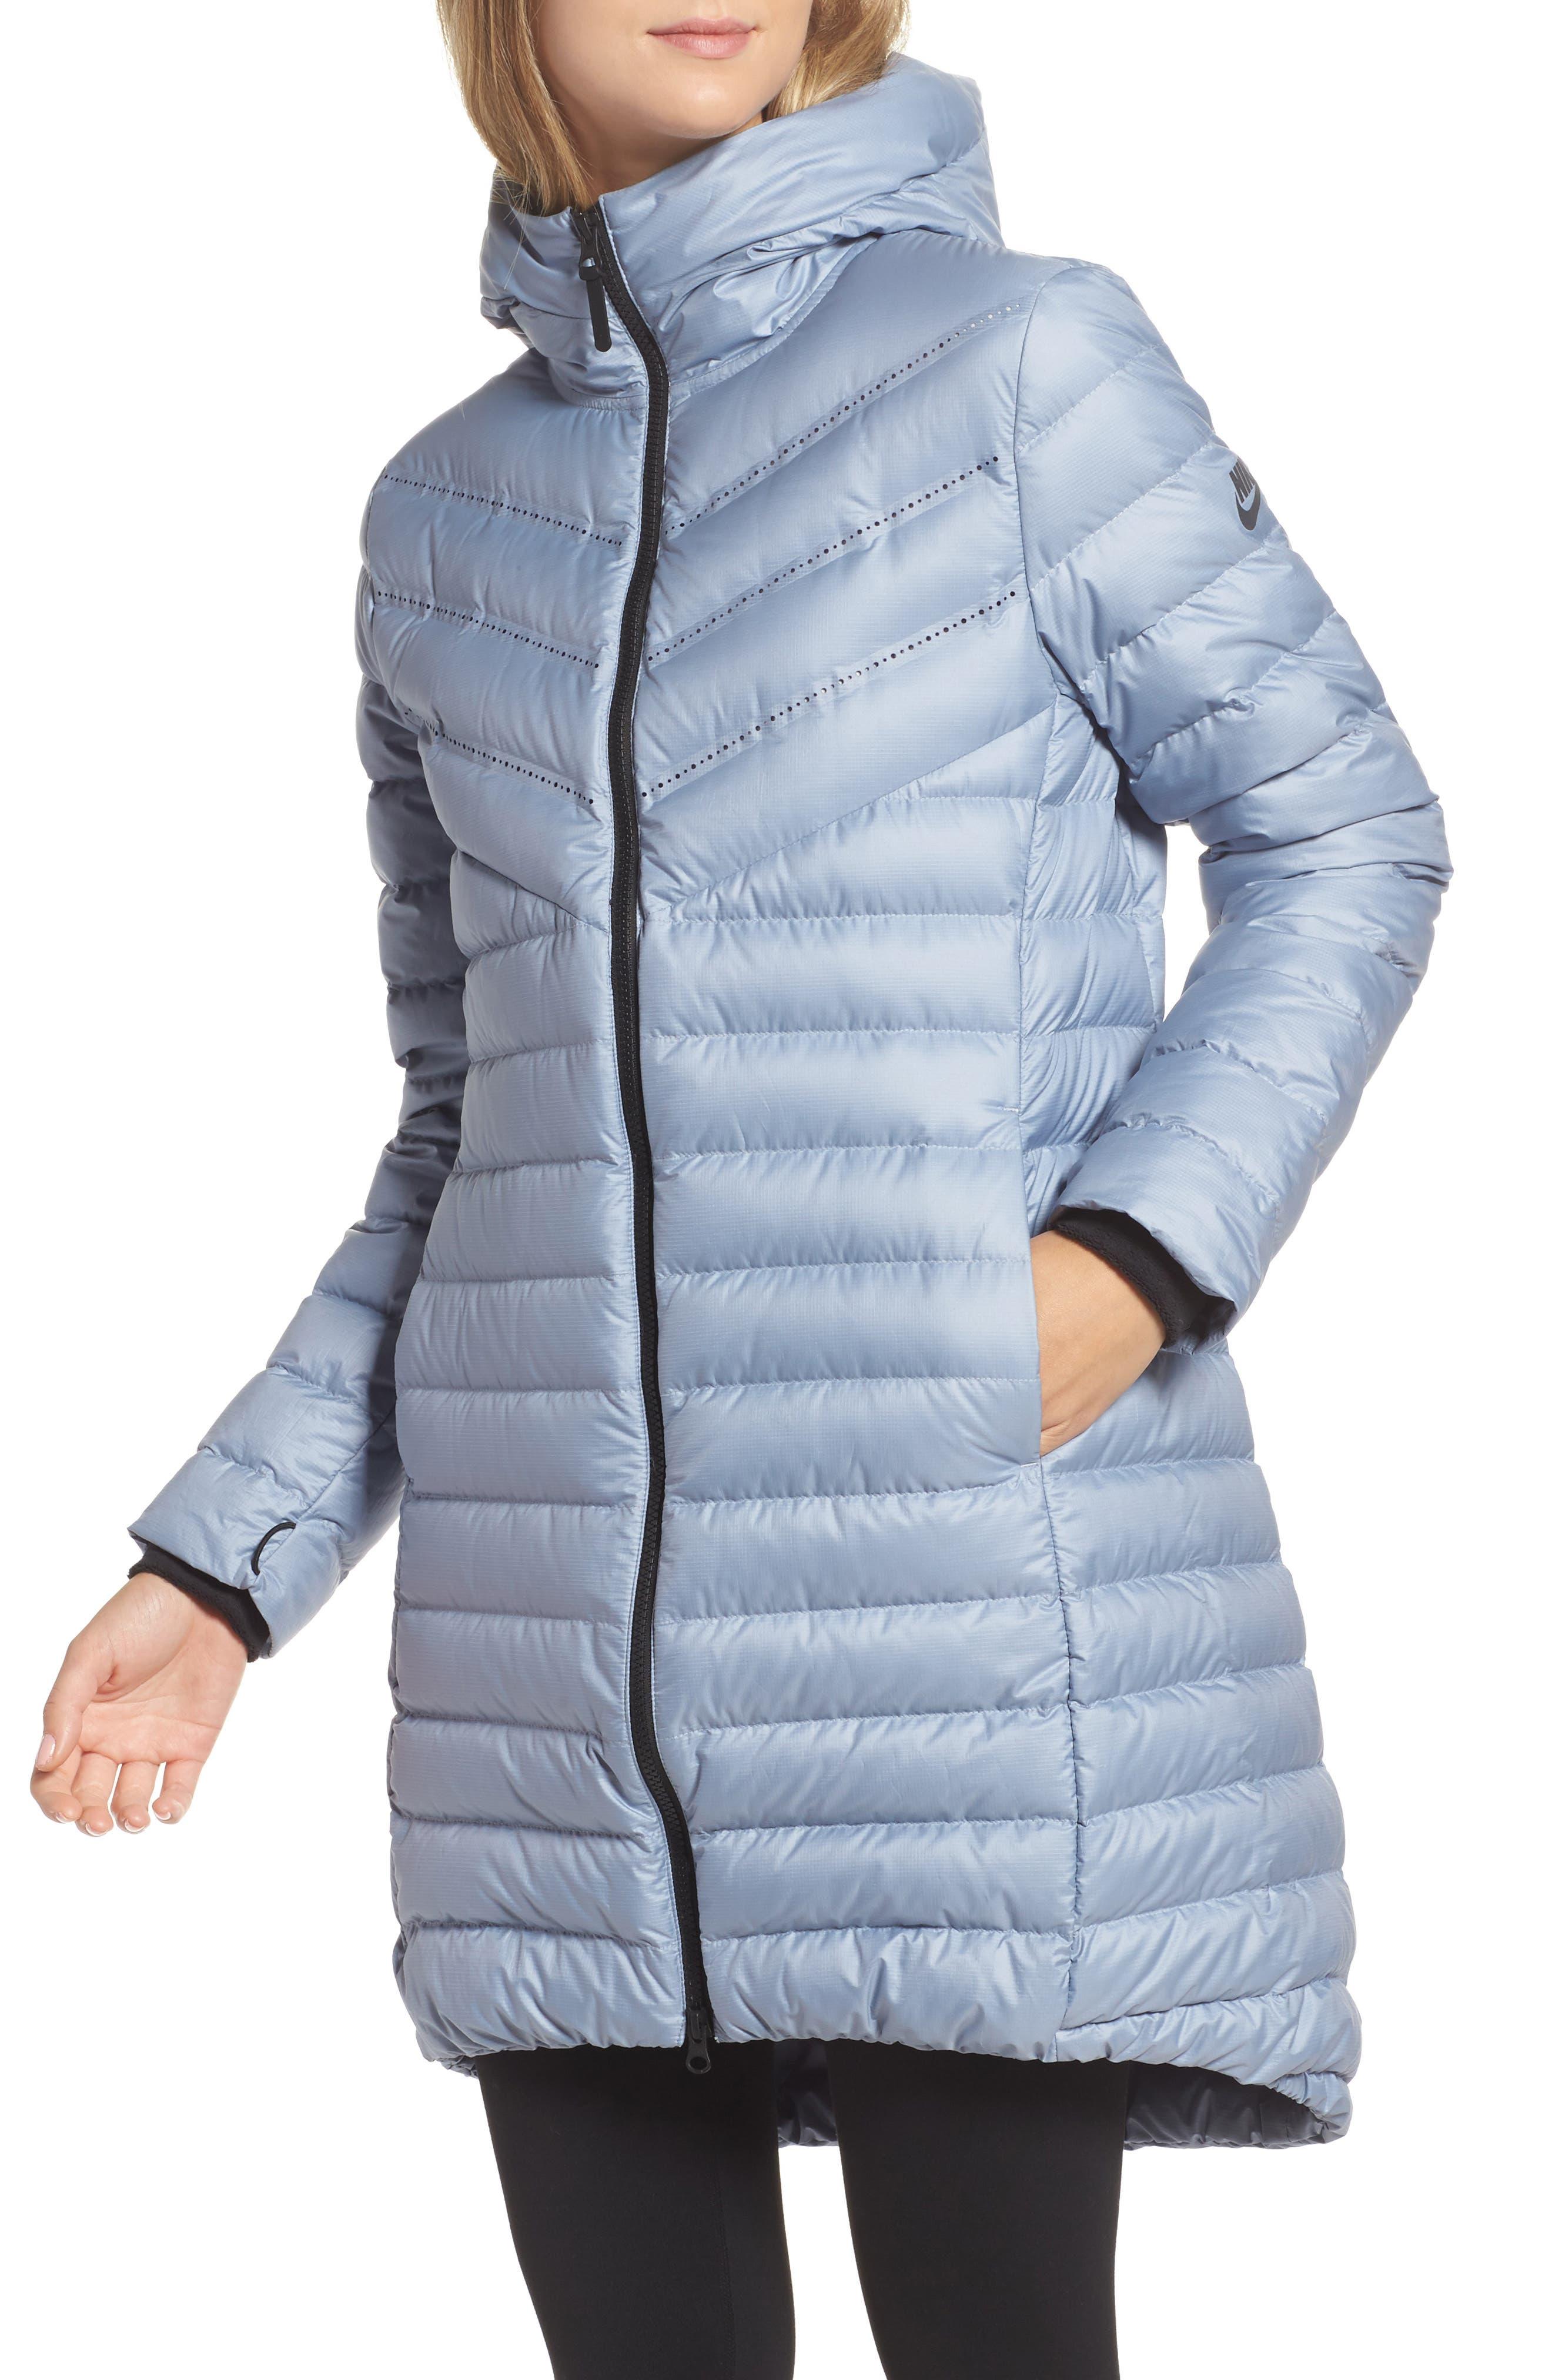 Sportswear Women's AeroLoft 3-in-1 Down Fill Parka,                             Alternate thumbnail 7, color,                             OBSIDIAN/ GLACIER GREY/ BLACK